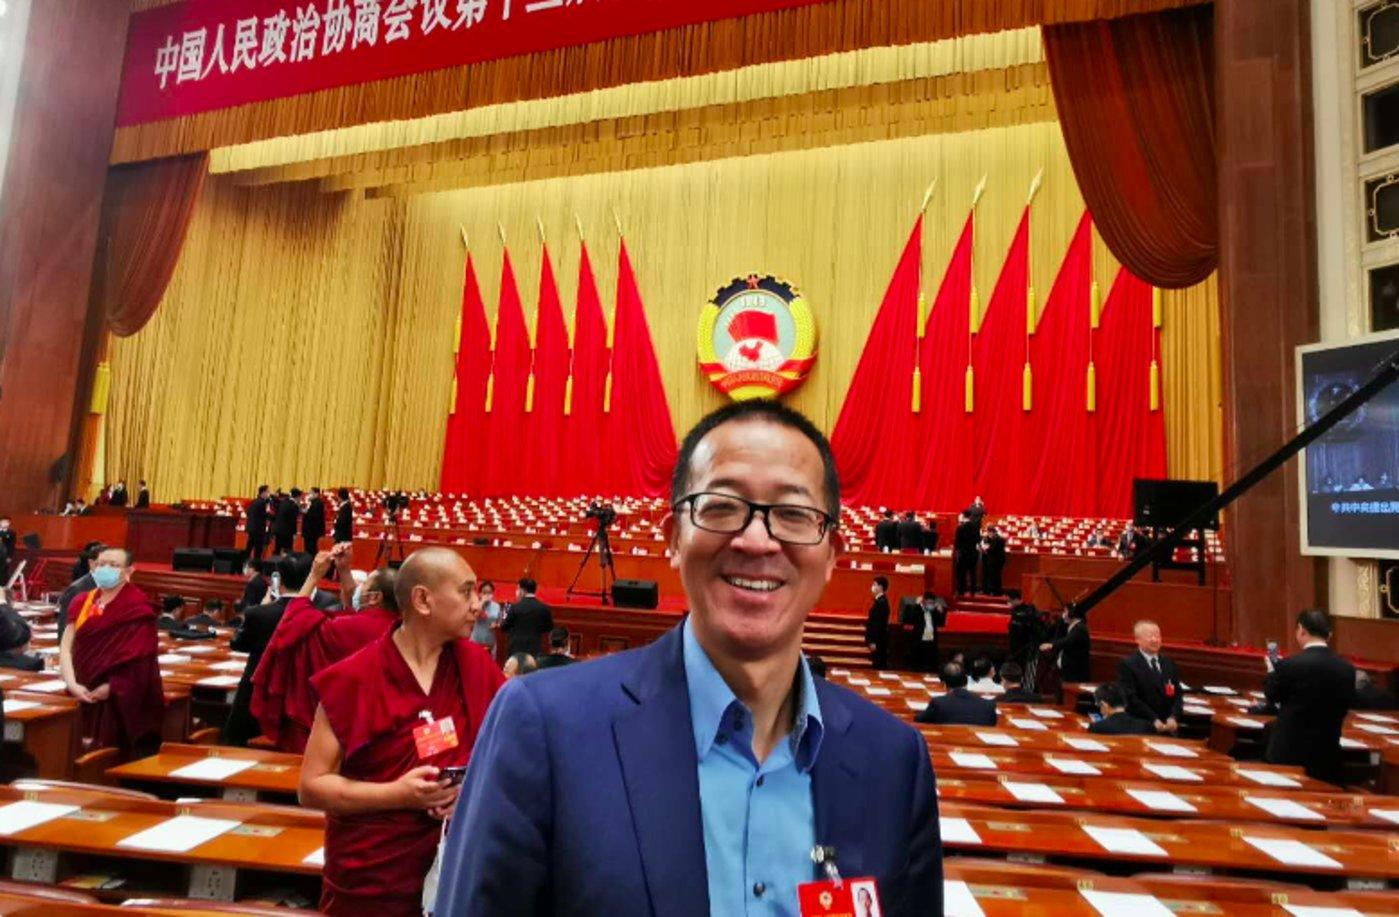 2020年两会,俞敏洪在人民大会堂会场